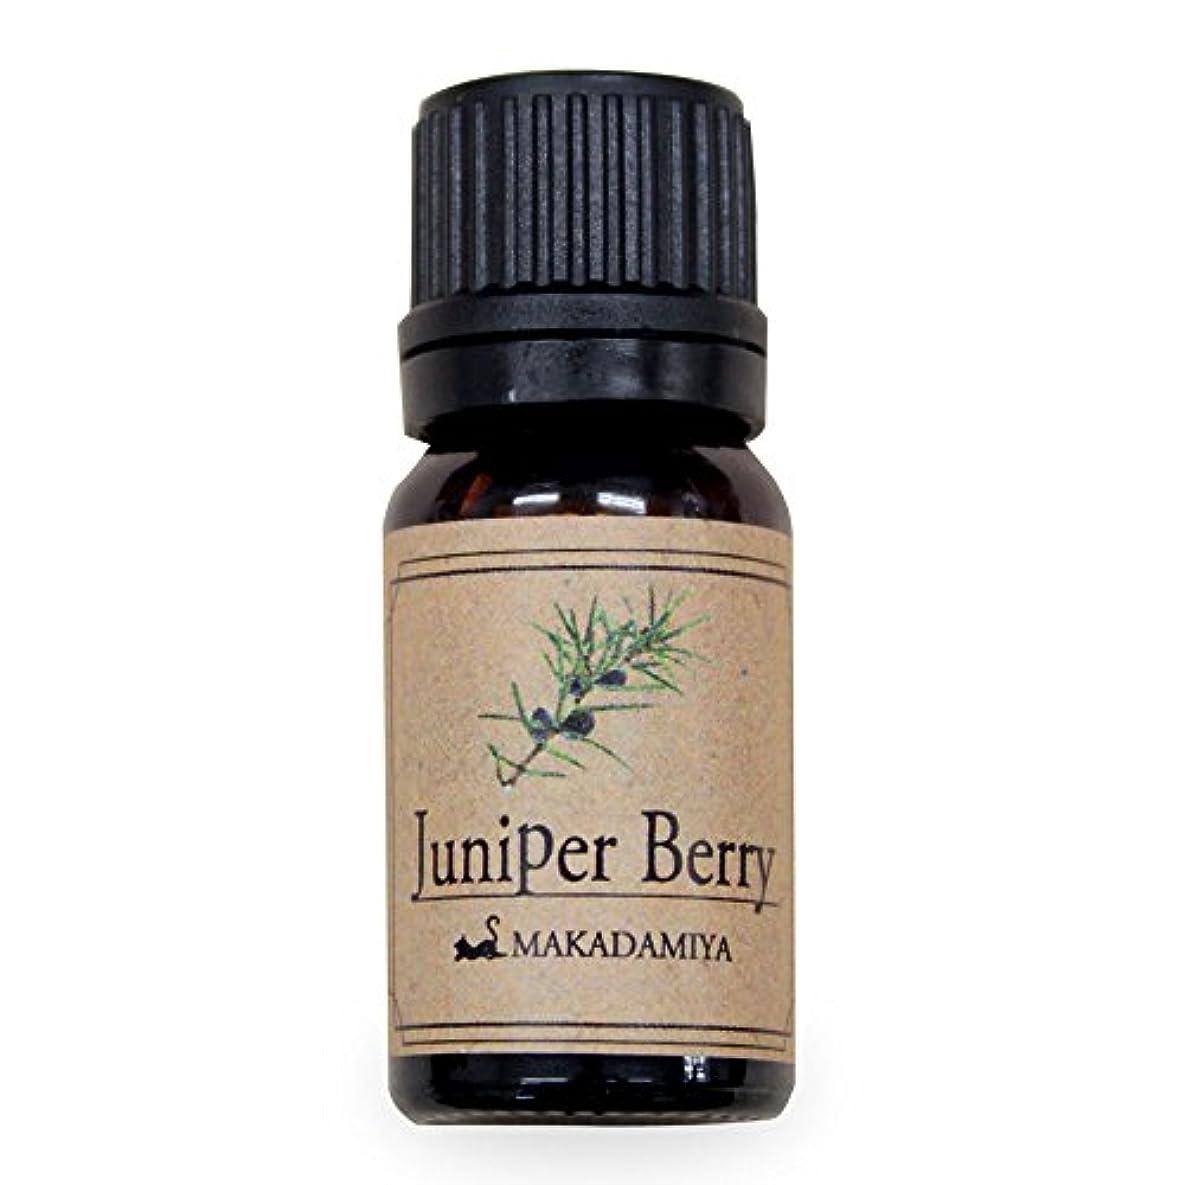 ペルメル氷悲鳴ジュニパーベリー10ml 天然100%植物性 エッセンシャルオイル(精油) アロマオイル アロママッサージ aroma Junipe Berry